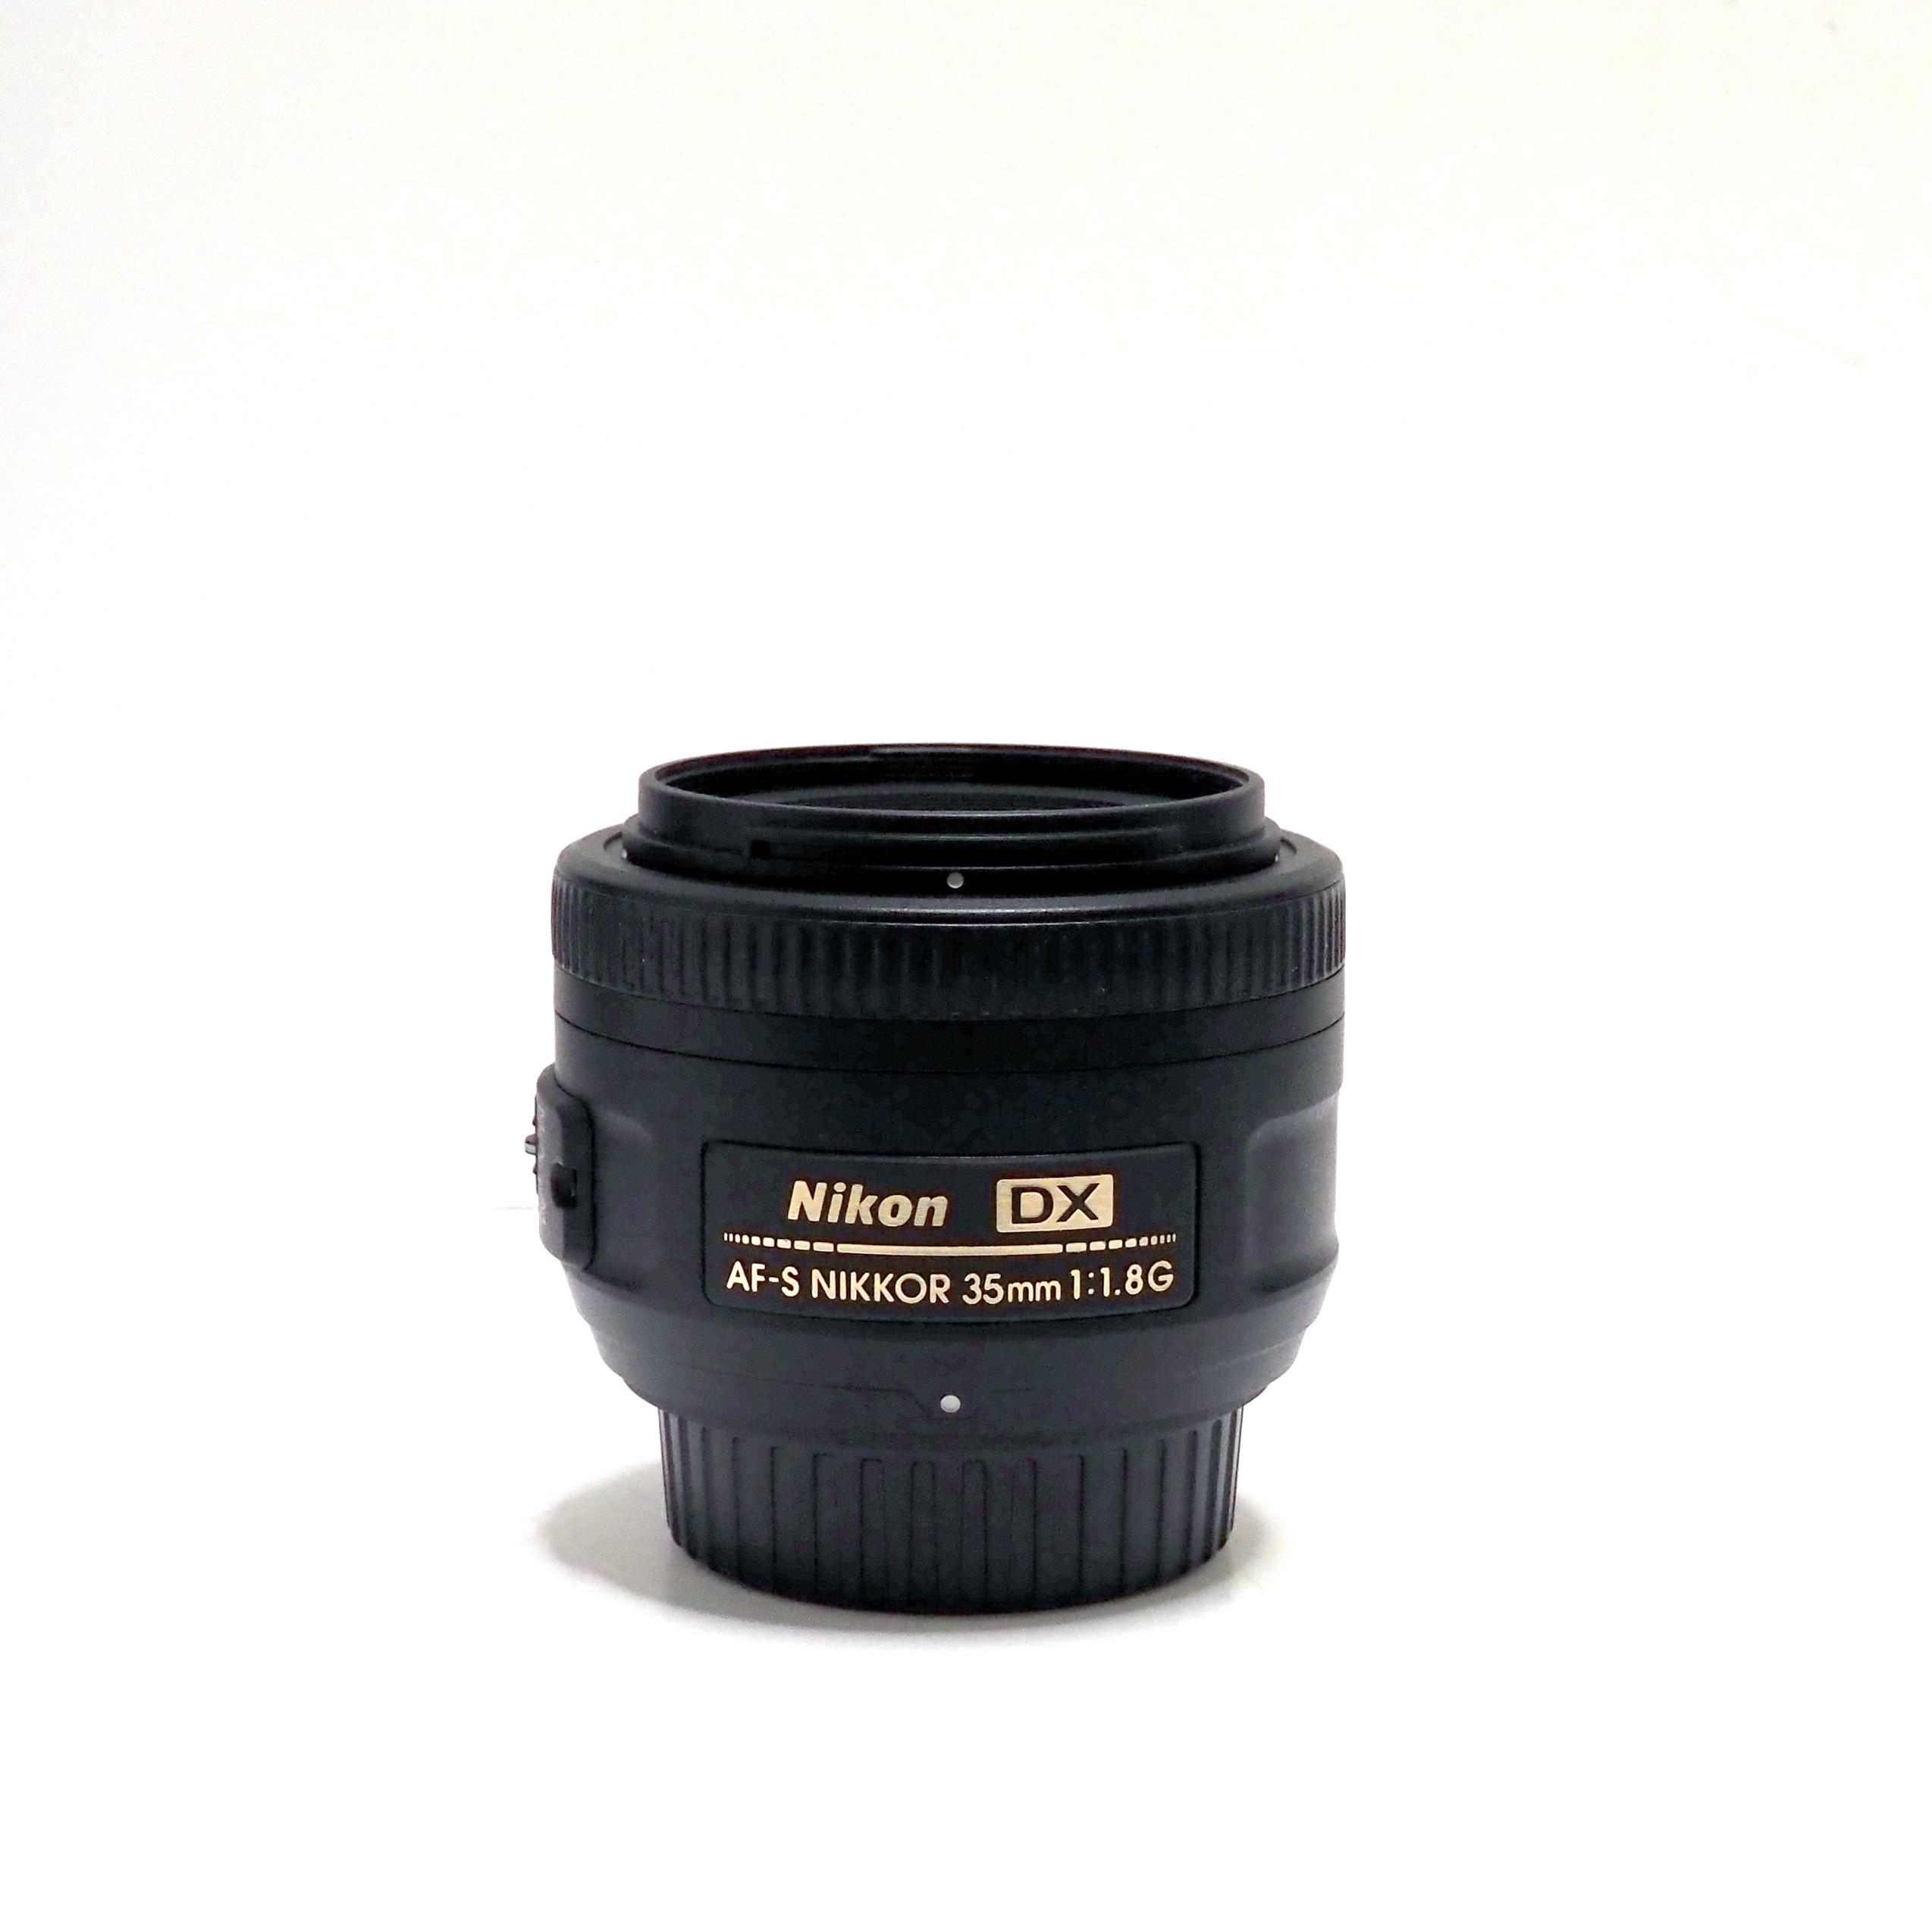 Nikon Nikkor AF-S DX 35mm f/1,8 G - BEGAGNAT